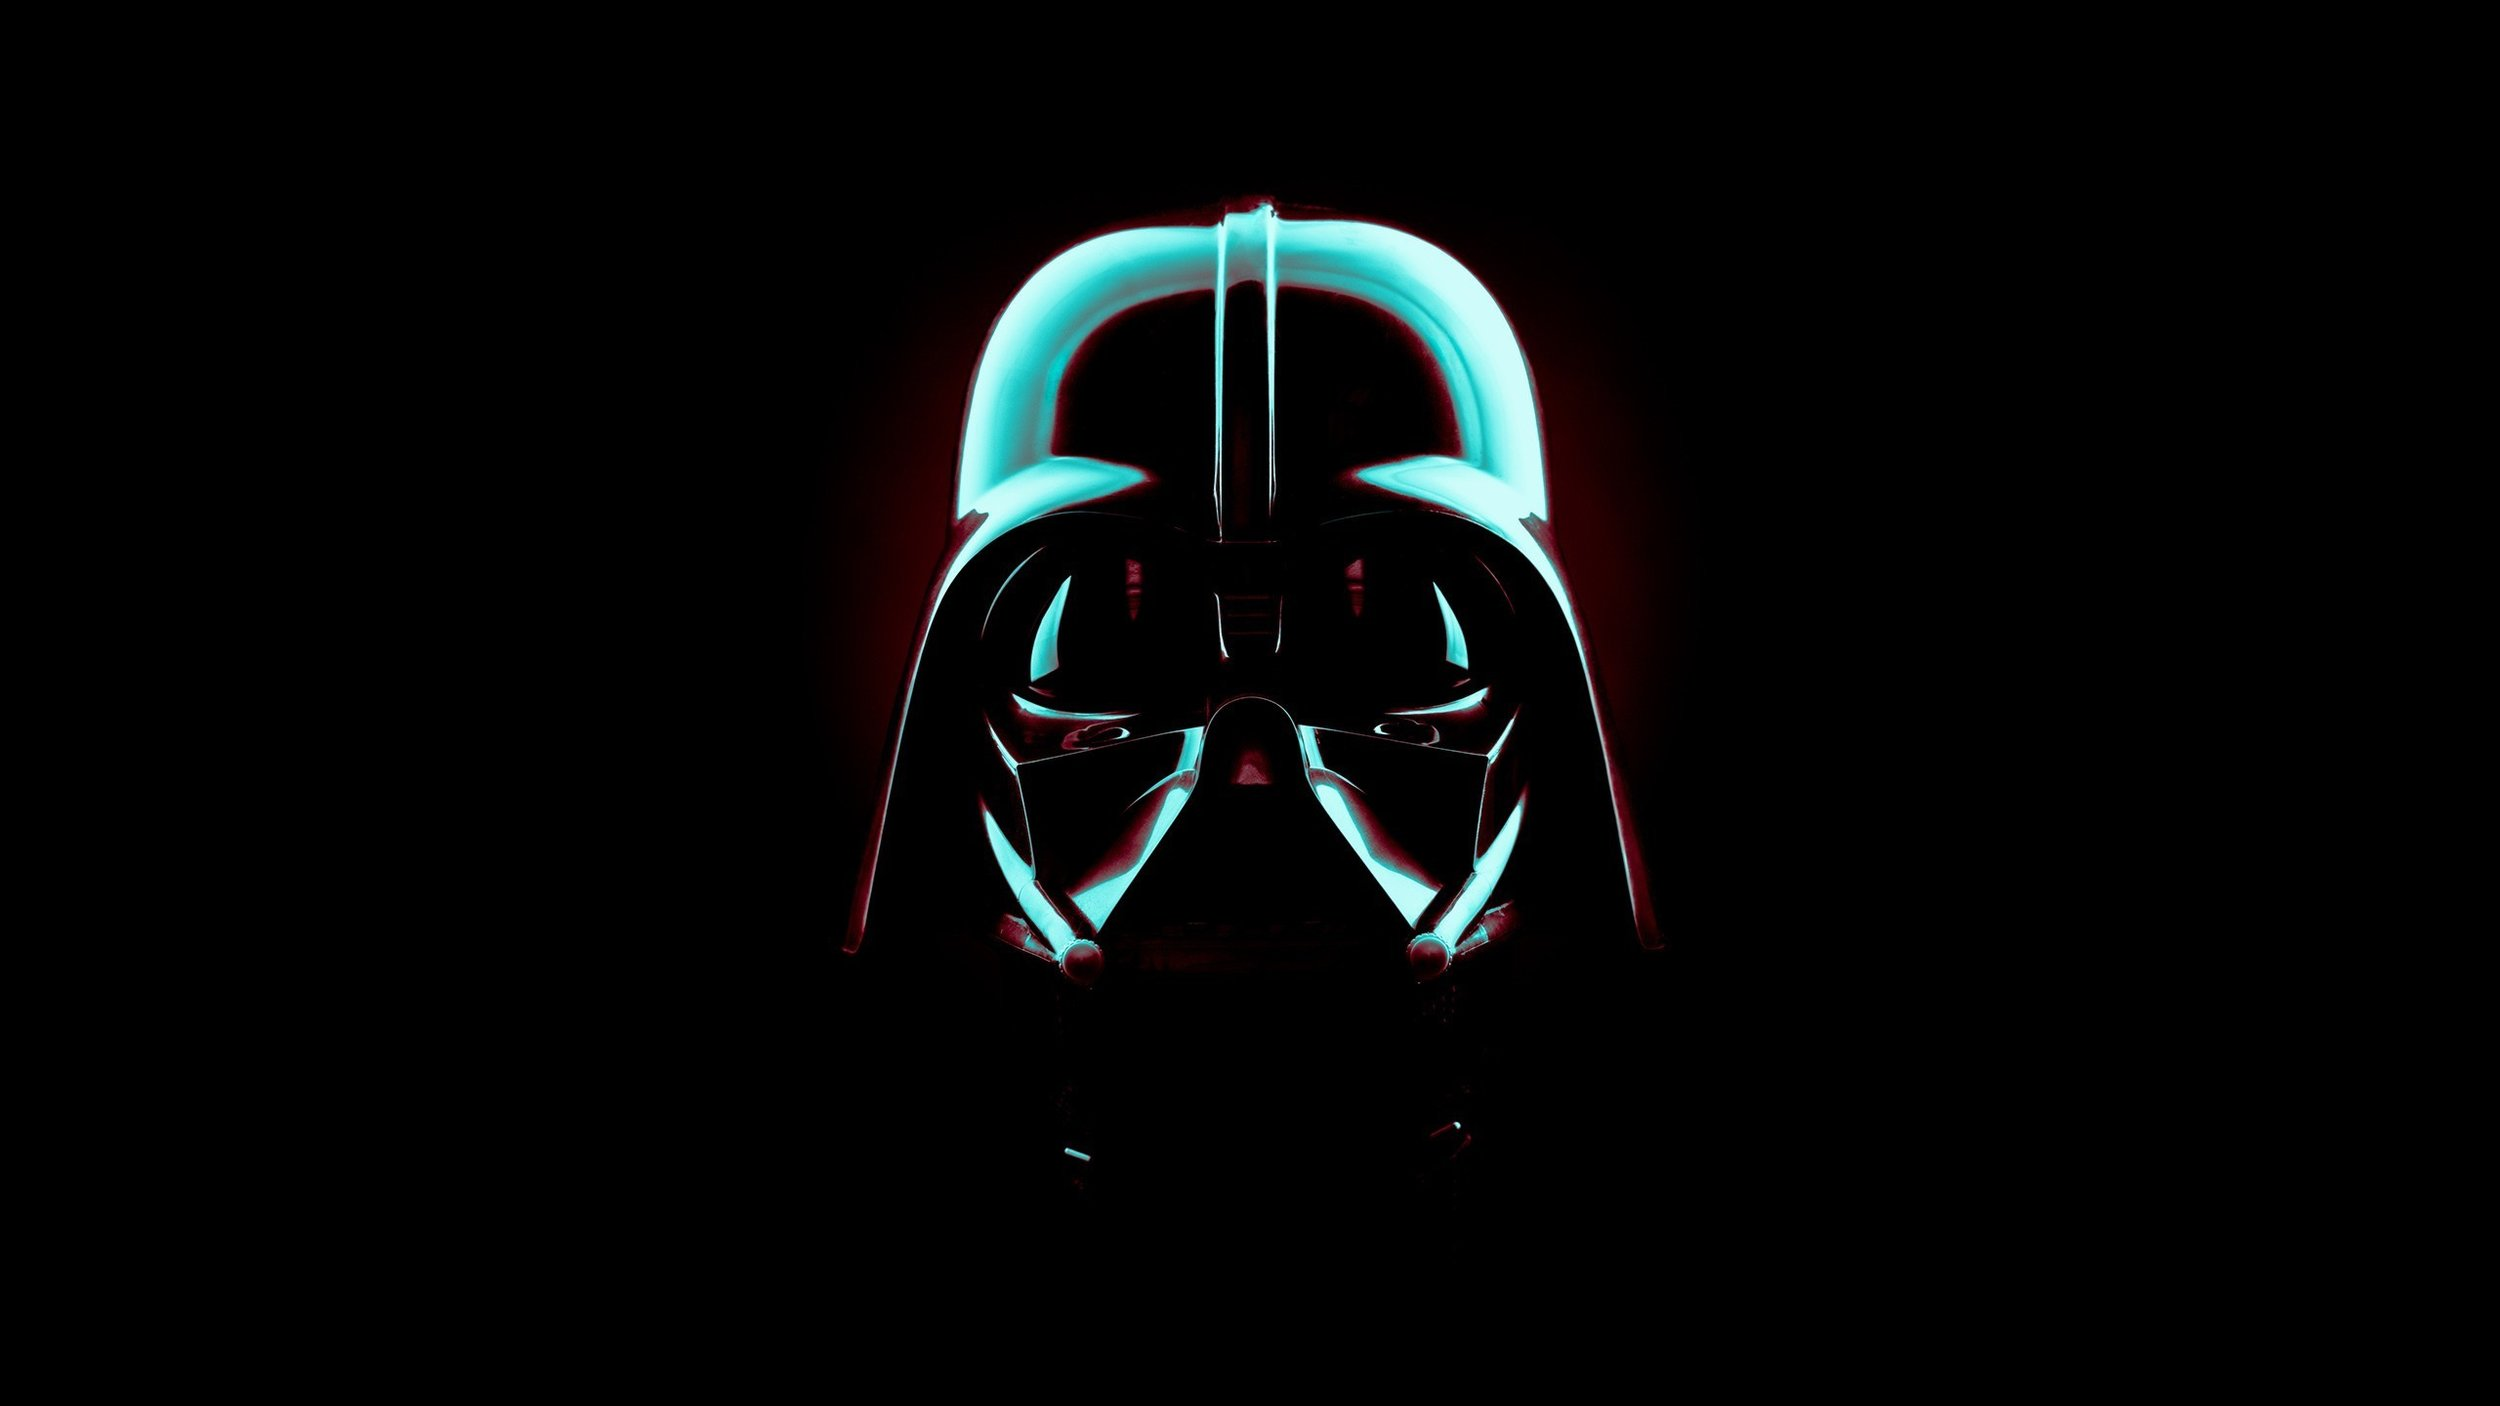 Darth-Vader-Computer-Wallpaper.jpg